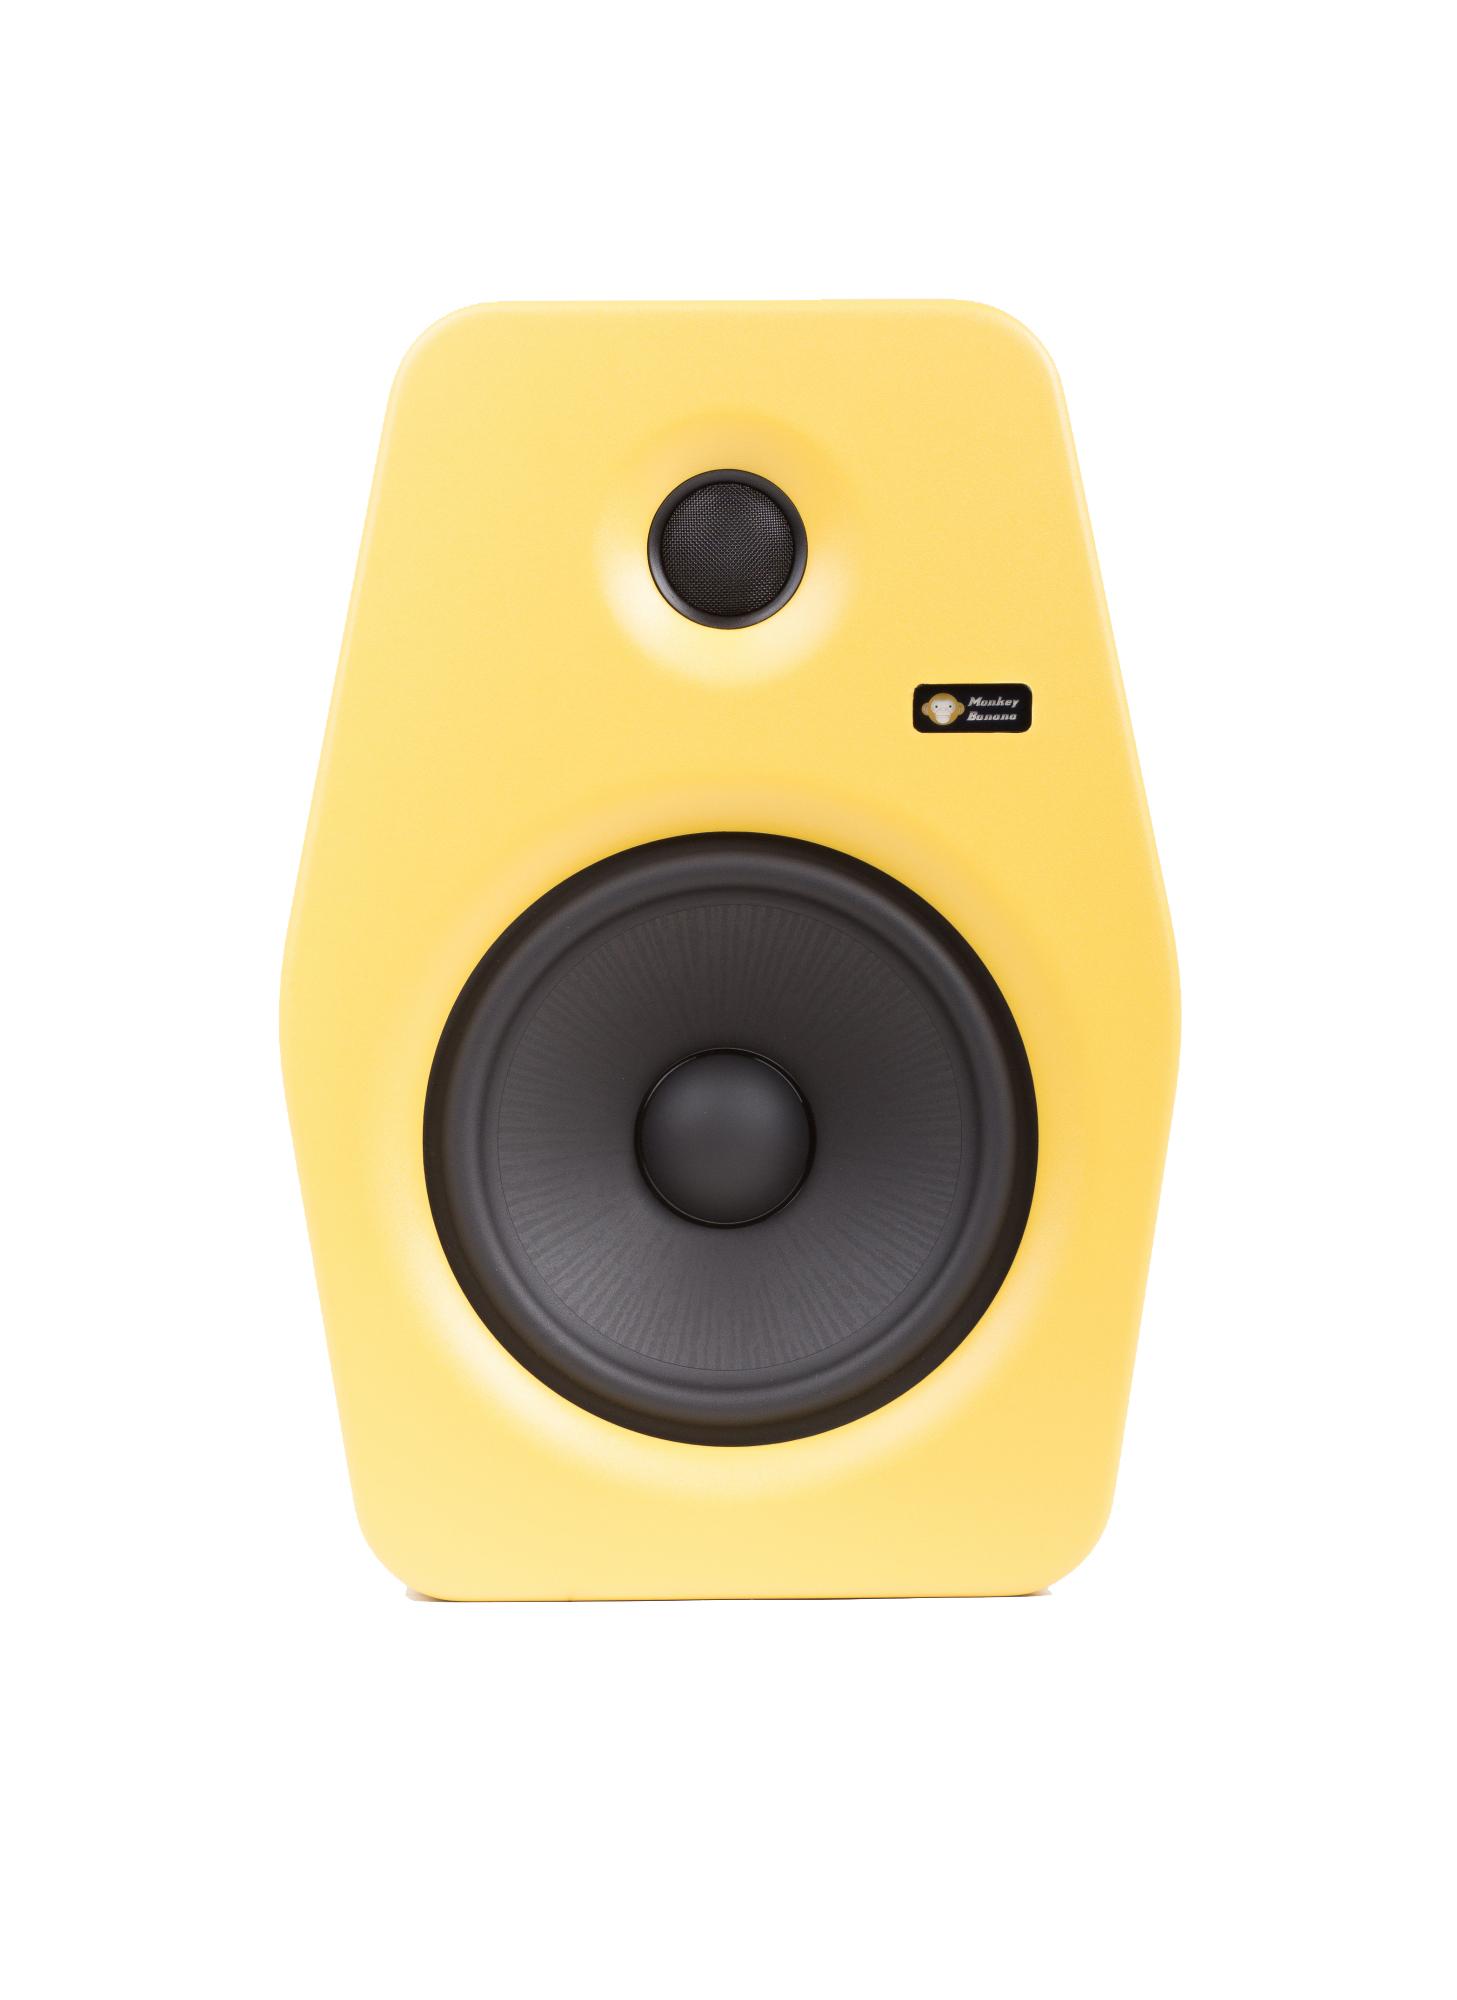 Billede af Monkey Banana Turbo 8 studie højttaler, gul